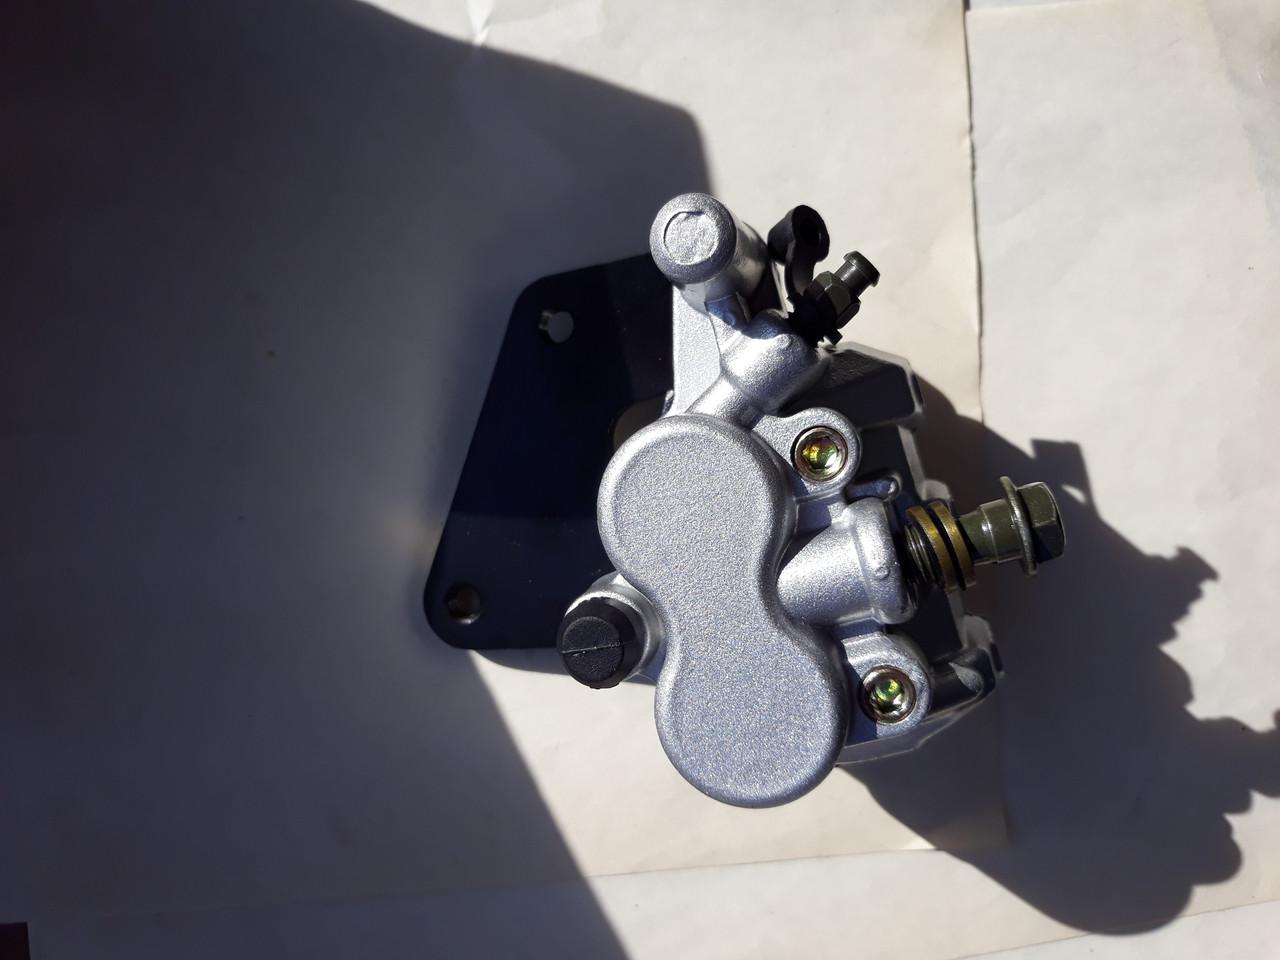 Суппорт дисковый тормозной двухпоршневой задний ухо влево для GY6 100cc